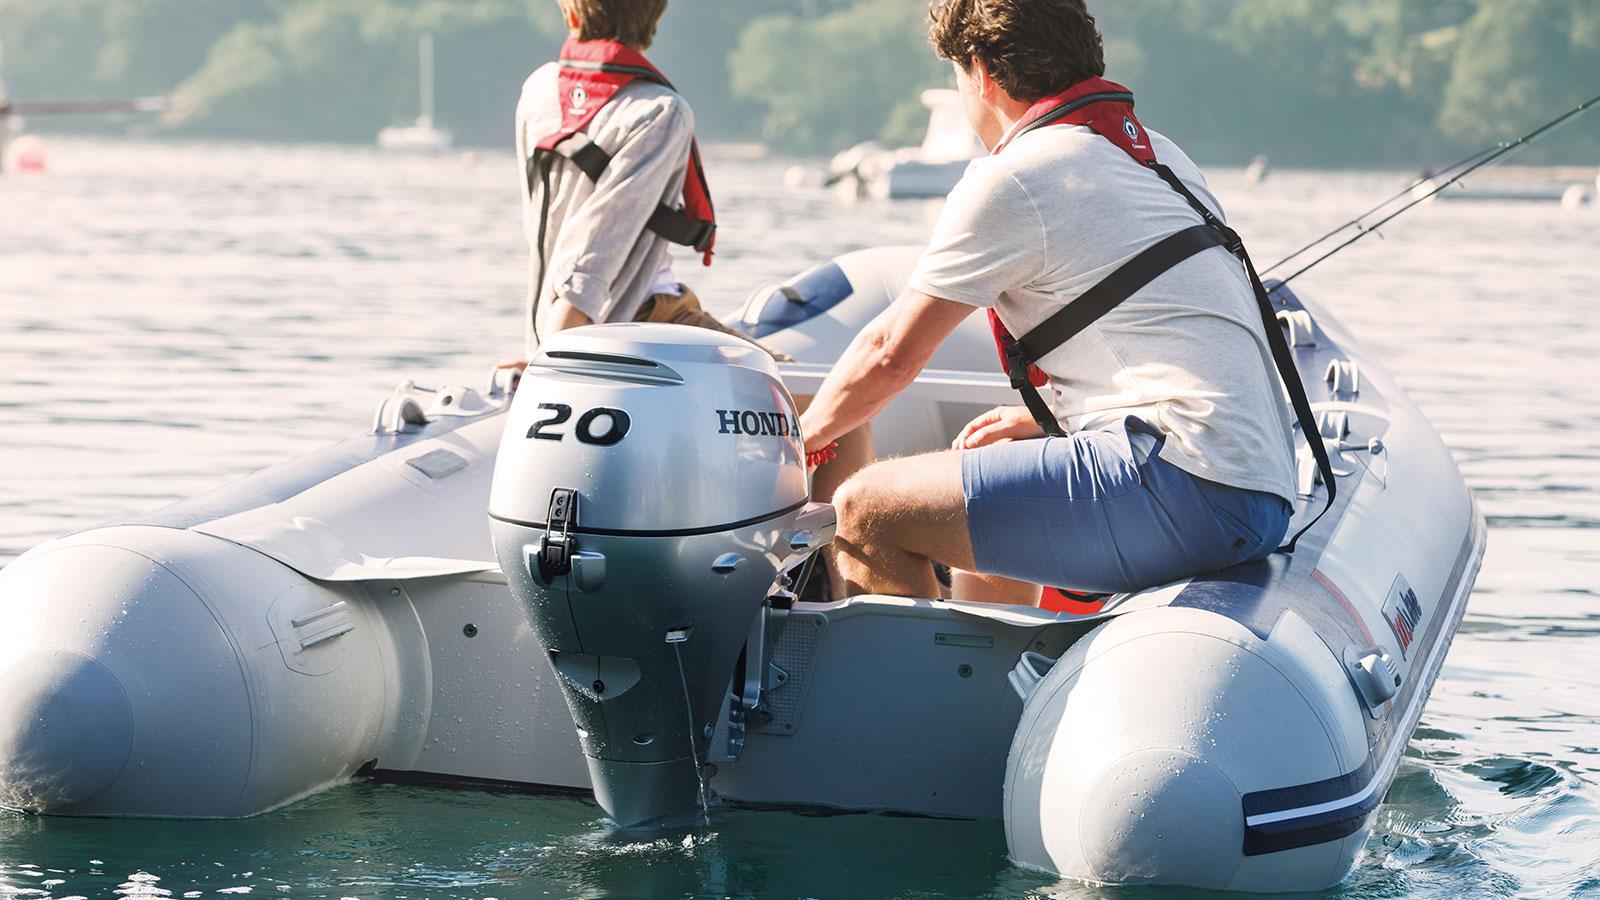 ponton zsilnikiem zaburtowym 20 KM